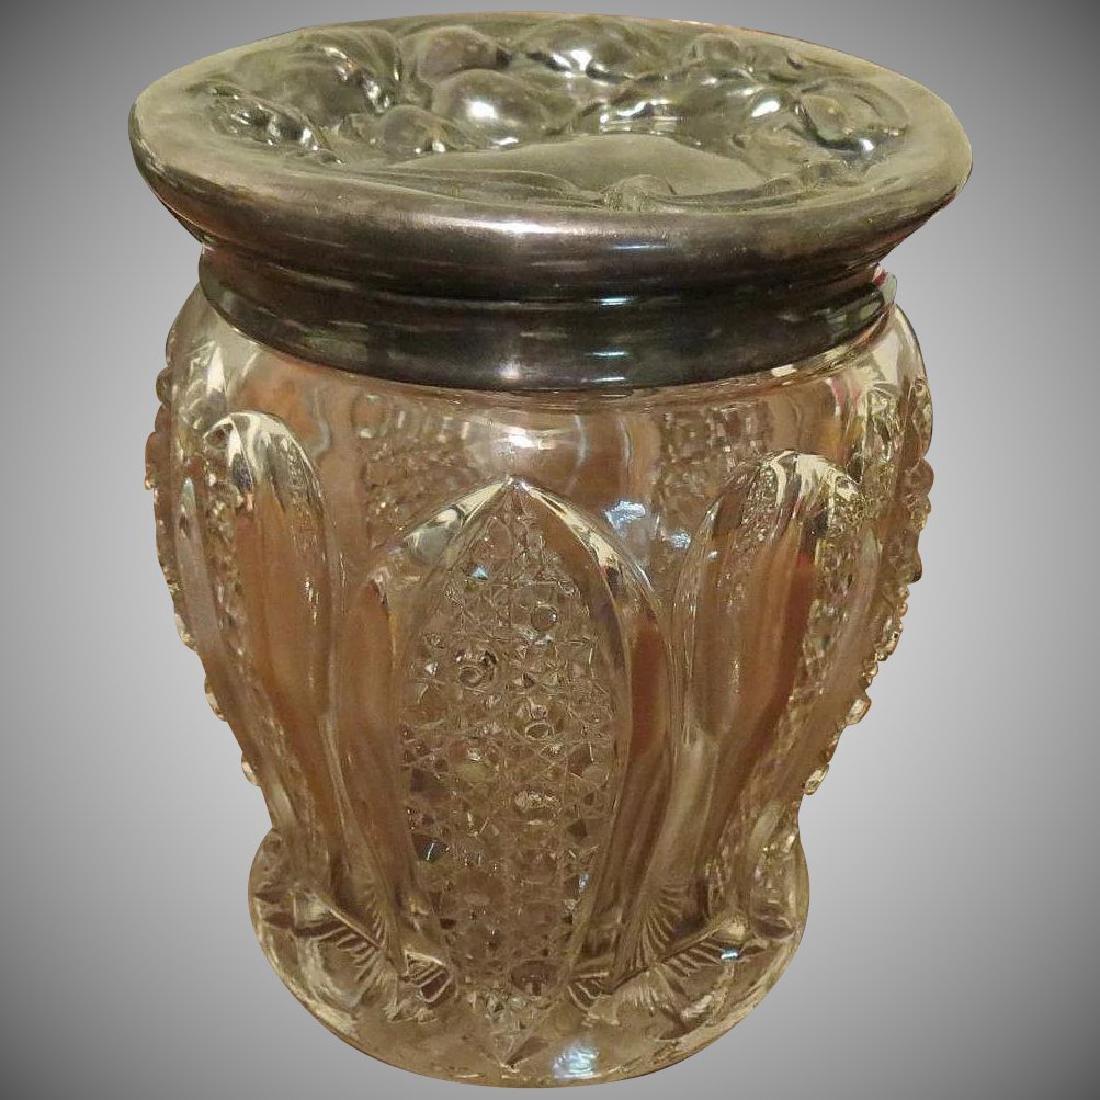 Antique Art Nouveau large cut Glass Jar Floral